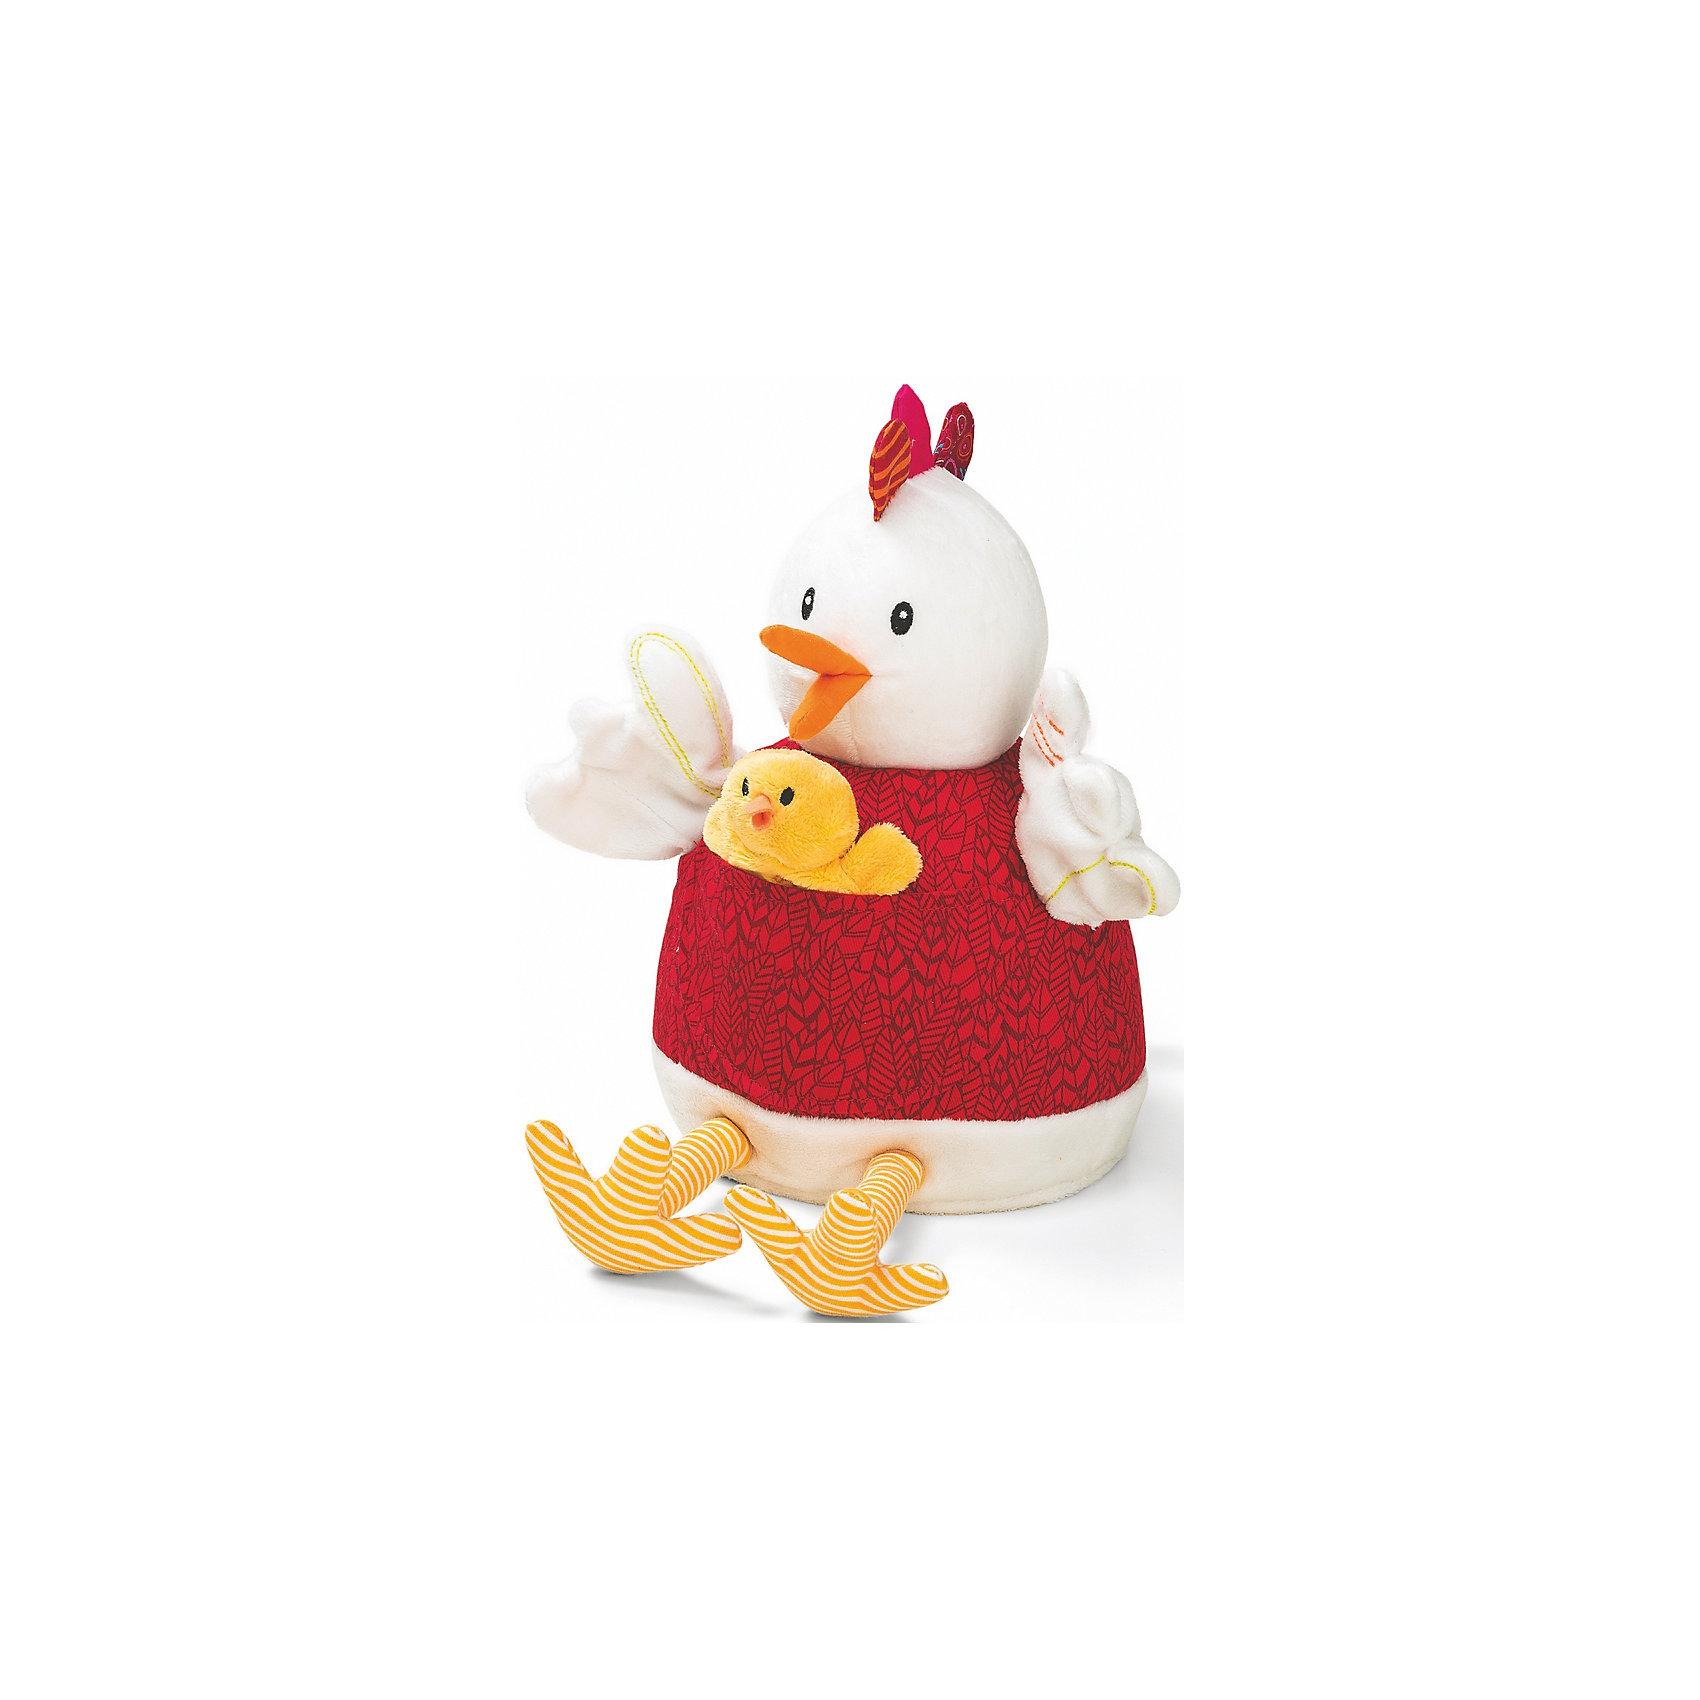 Курочка Офелия и её цыплята , LilliputiensХарактеристики товара:<br><br>- цвет: разноцветный;<br>- материал: текстиль, пластик; <br>- габариты: 29х22х20см;<br>- вес: 510 г;<br>- количество предметов: 6 штук;<br>- возраст: 3+.<br><br>Познакомить ребенка с искусством театра можно, разыграв перед ним сказу «Курочка Офелия и её цыплята» в кукольном варианте. В набор входят 5 пальчиковых игрушек – цыплят и главная марионетка - курочка, с которыми кукольный театр станет доступным прямо у себя дома. Покажите ребенку оригинальный вариант сказки или придумайте свой альтернативный финал! Материалы, использованные при изготовлении изделия, абсолютно безопасны и полностью отвечают международным требованиям по качеству детских товаров.<br><br>Игрушку Курочка Офелия и её цыплята от бренда Liliputiens можно купить в нашем интернет-магазине.<br><br>Ширина мм: 29<br>Глубина мм: 22<br>Высота мм: 20<br>Вес г: 510<br>Возраст от месяцев: 6<br>Возраст до месяцев: 2147483647<br>Пол: Женский<br>Возраст: Детский<br>SKU: 5097371